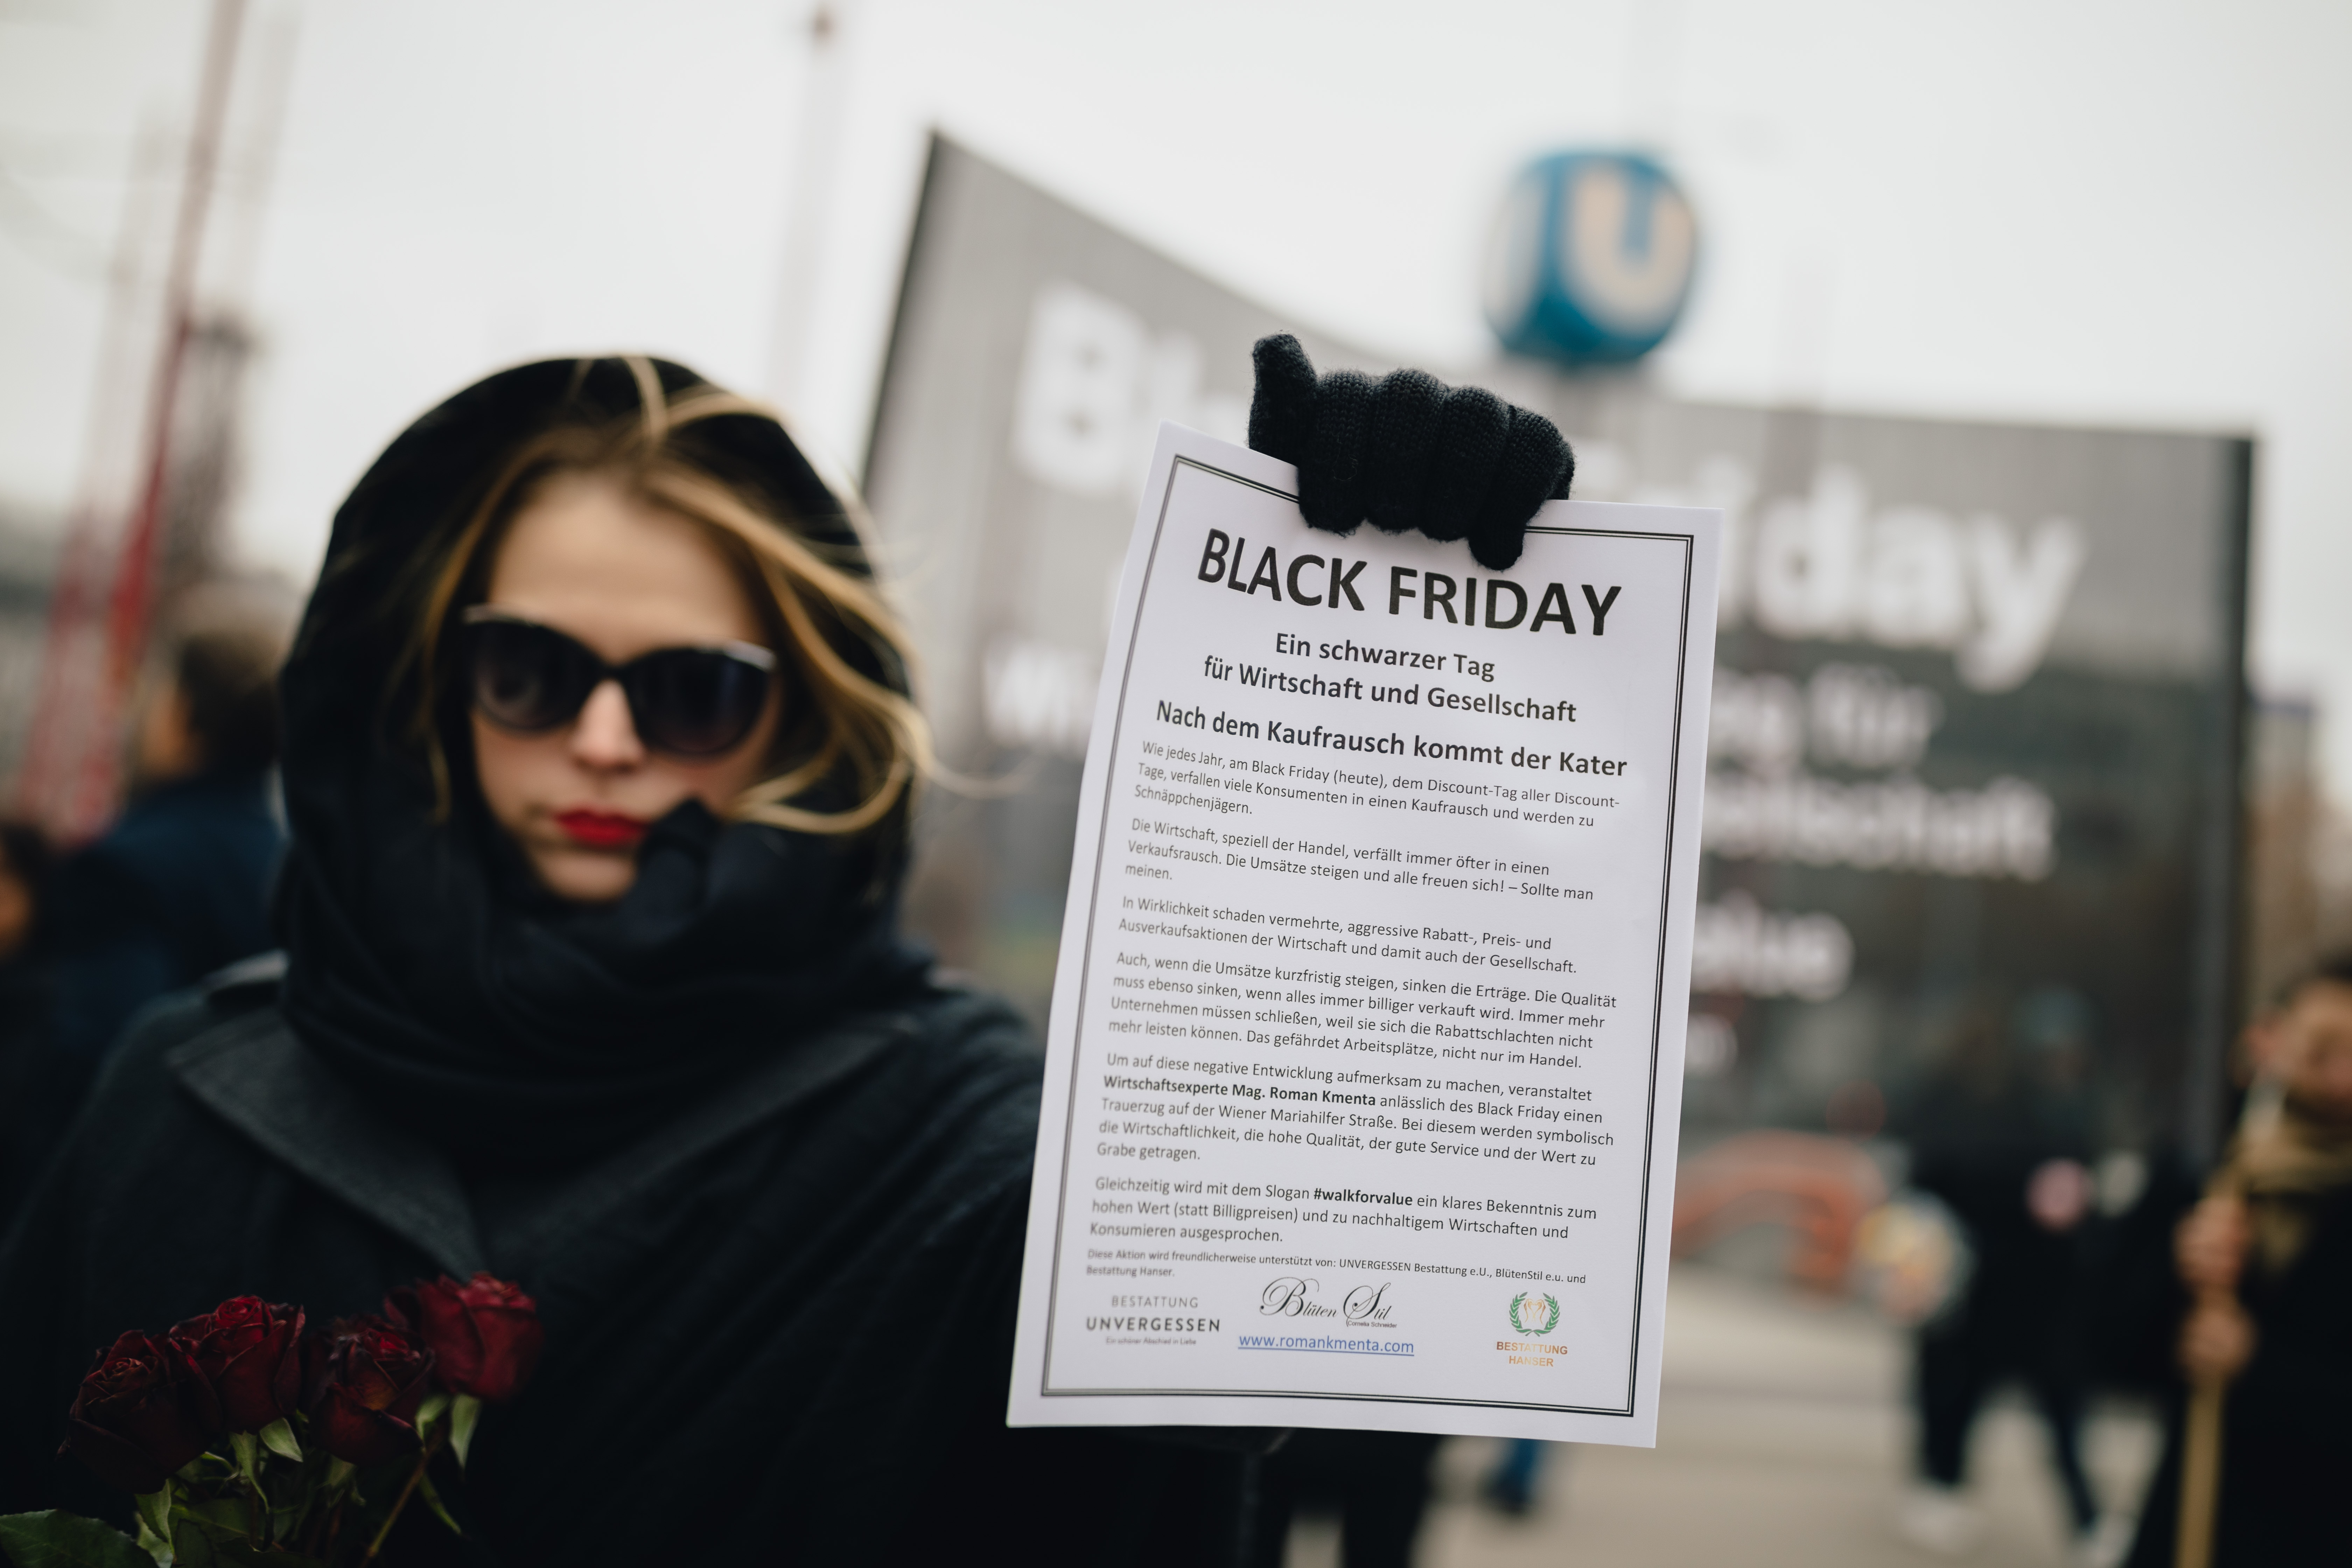 Trauerzug auf der Mariahilfer Straße - Mag. Roman Kmenta - Black Friday 2018